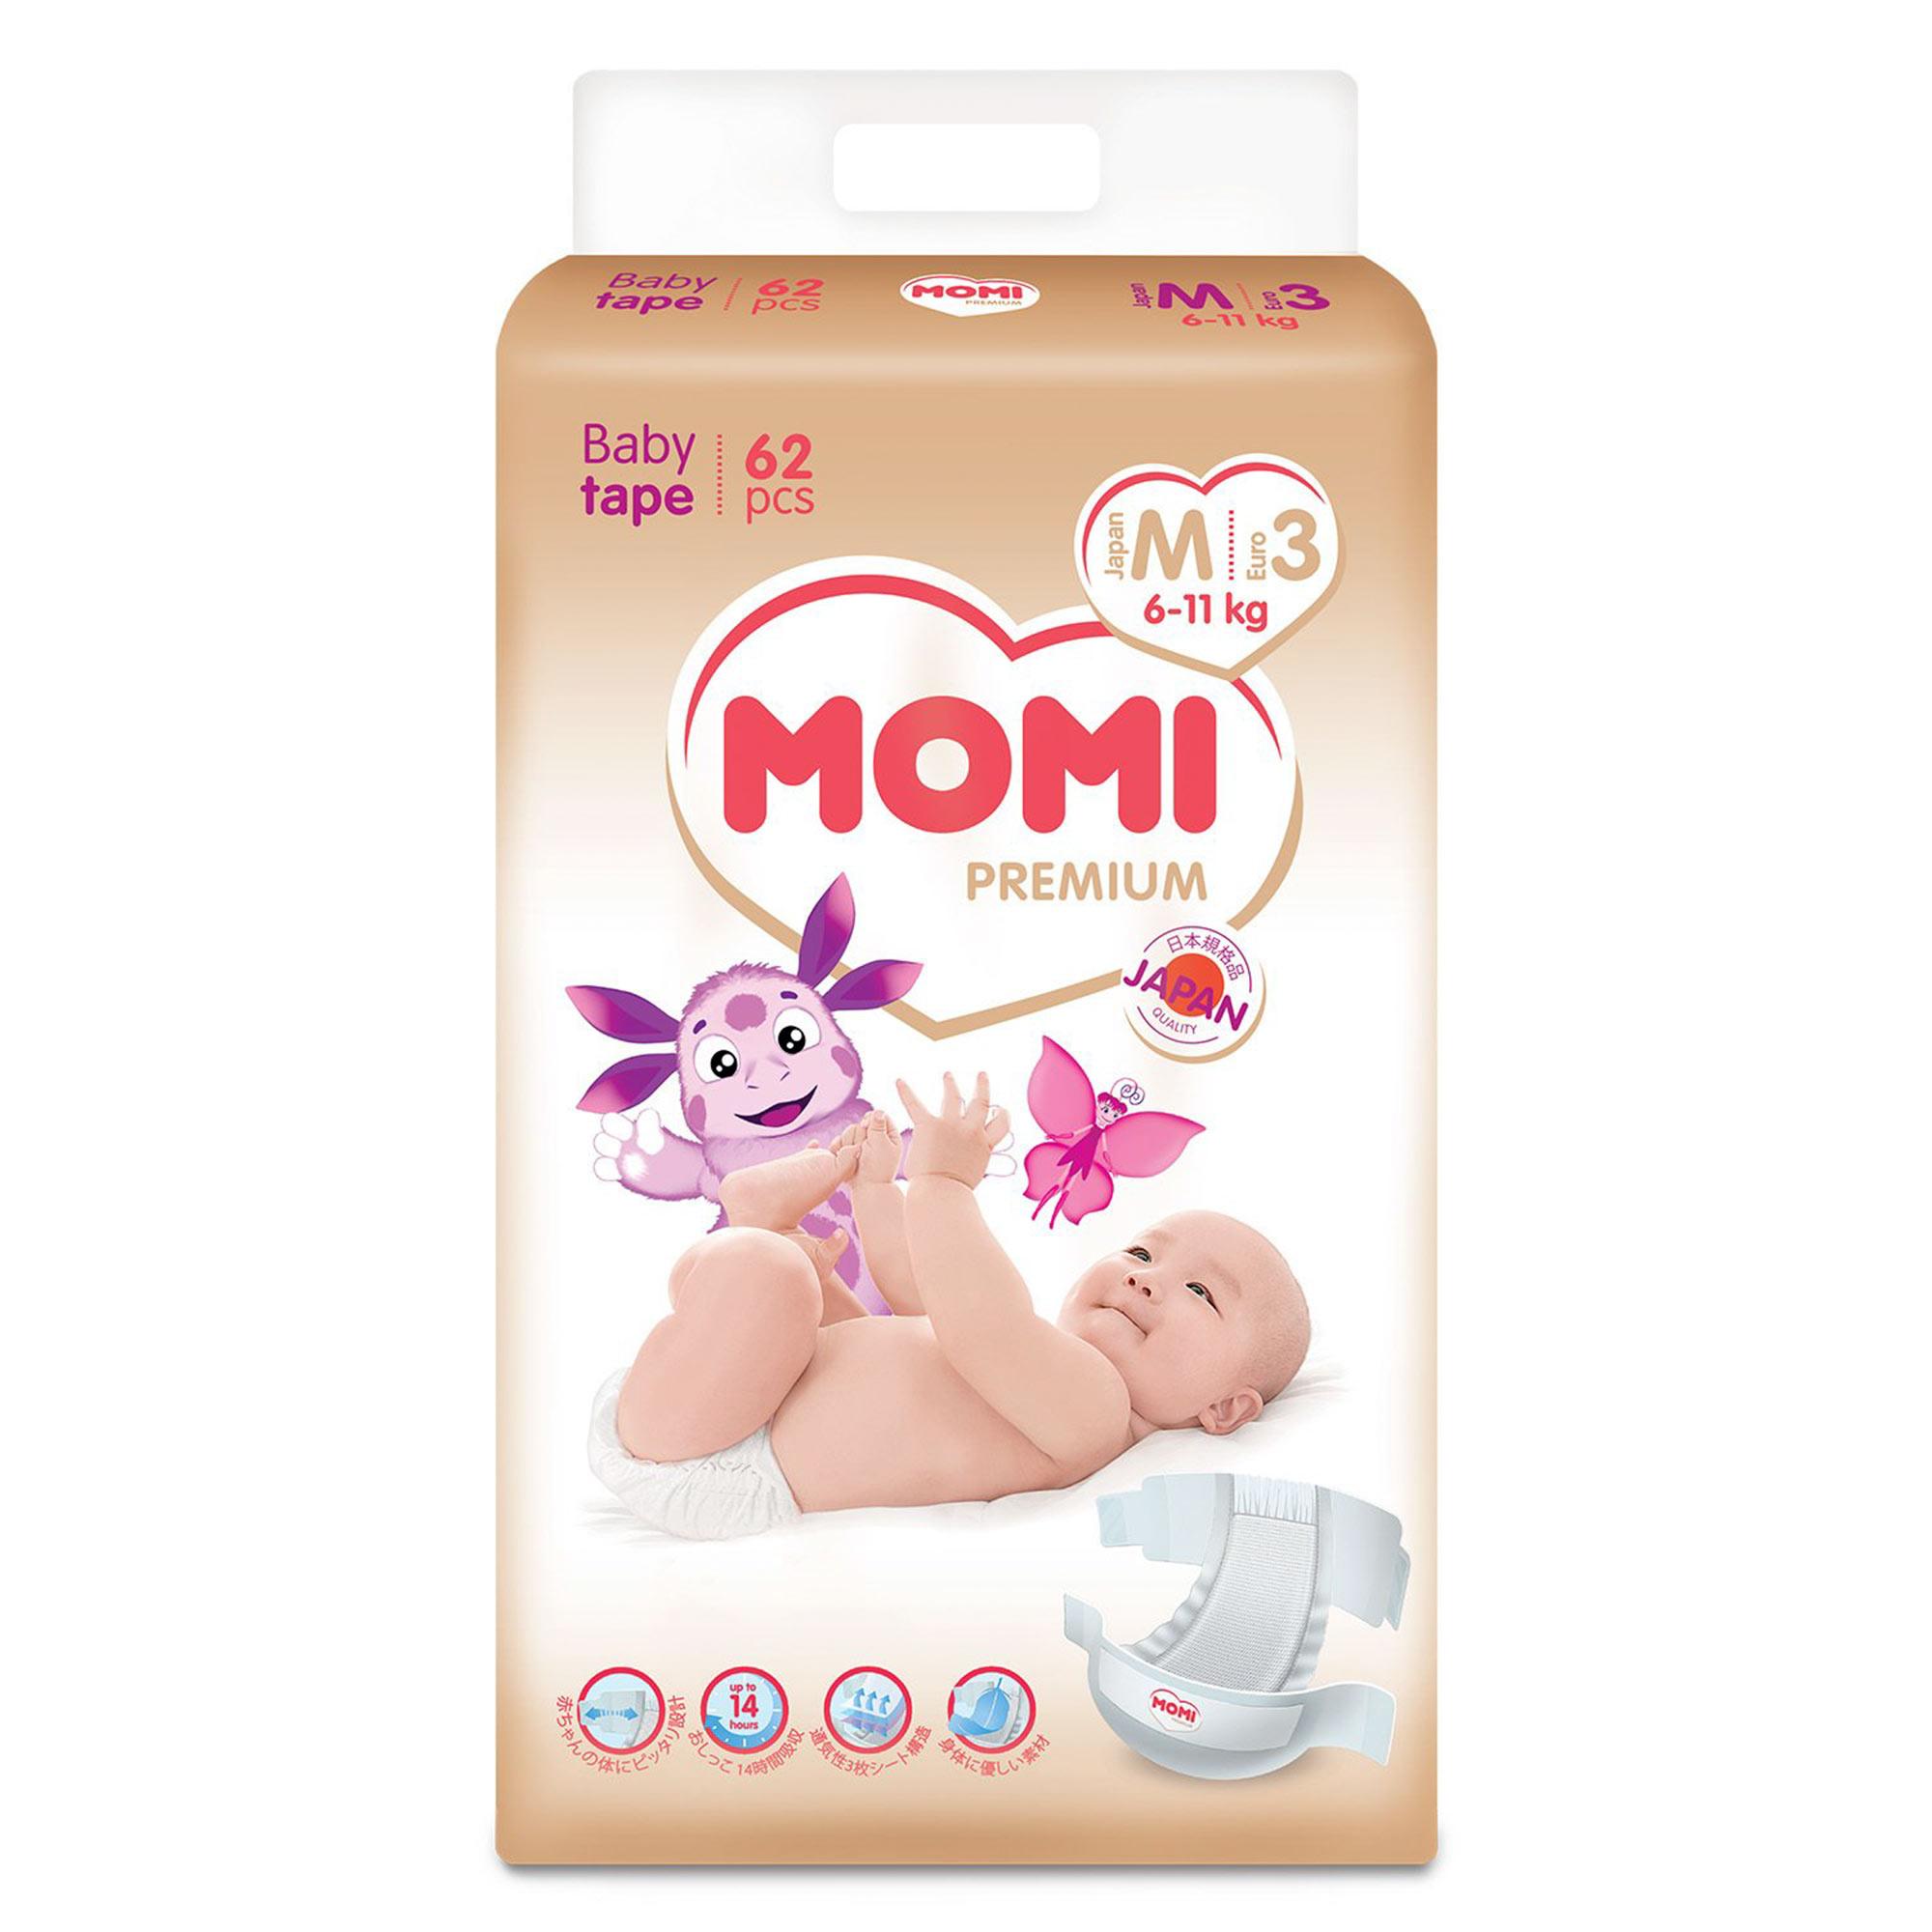 Купить Подгузники Momi Premium M (6-11 кг) 62 шт, Белый, Внутренняя поверхность: полиэфир/полиолефин нетканевого типа. Впитывающий слой: хлопчатобумажная пульпа, впитывающая бумага, высокомолекулярный абсорбент акрилового типа. Водонепроницаемый материал: полиолефин. Эластичный материал:полиуретан, Для детей,